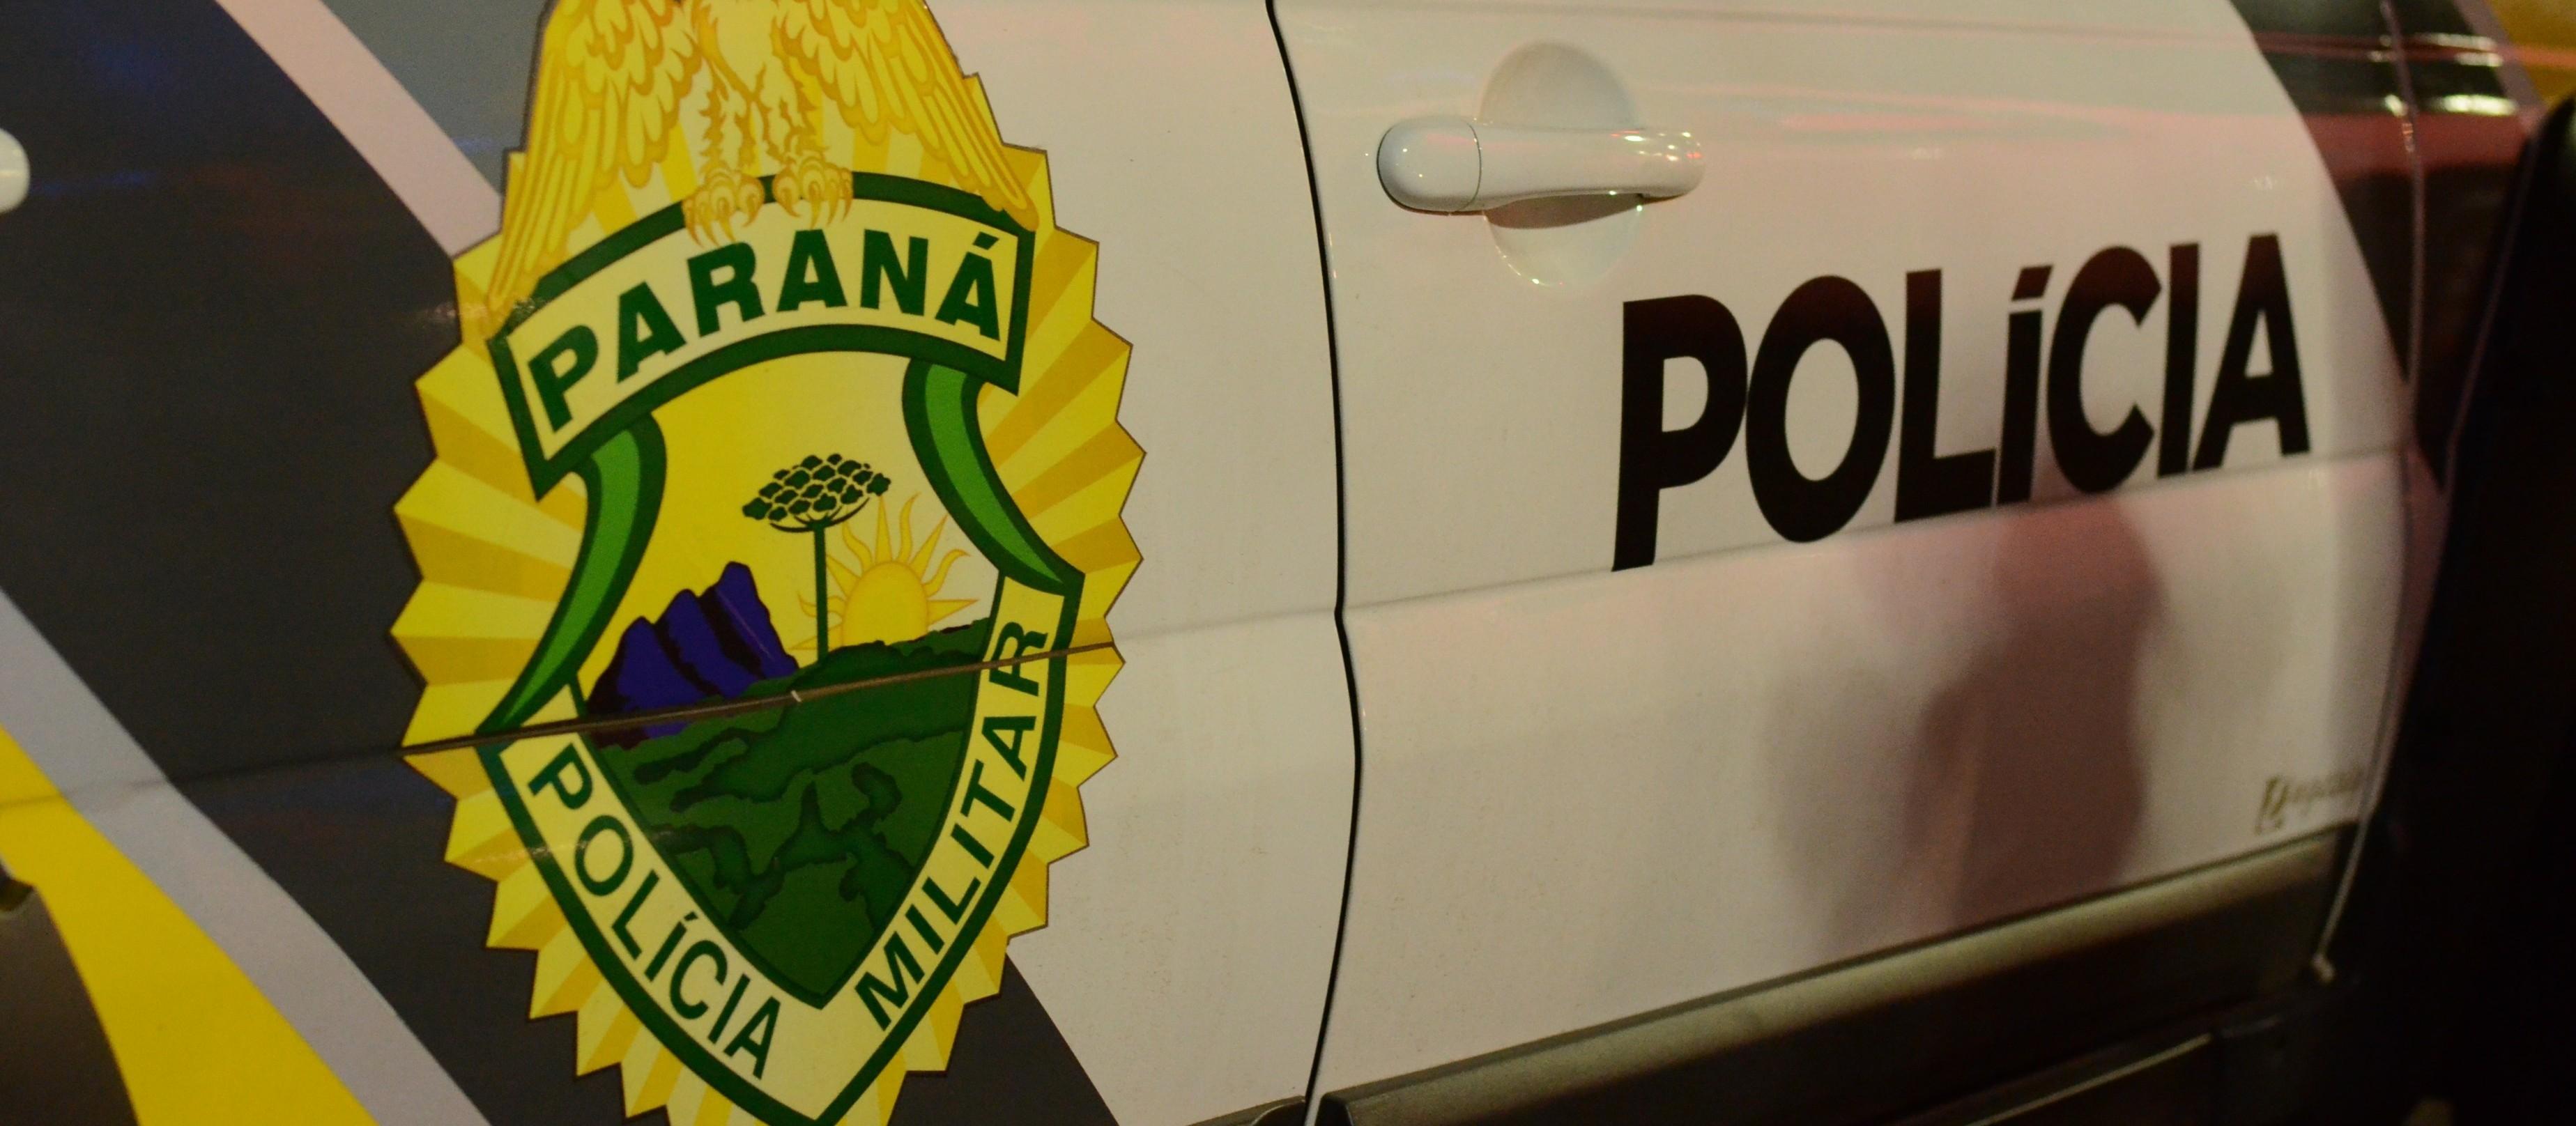 Jovem é preso após furtar chinelos de comércio em Umuarama